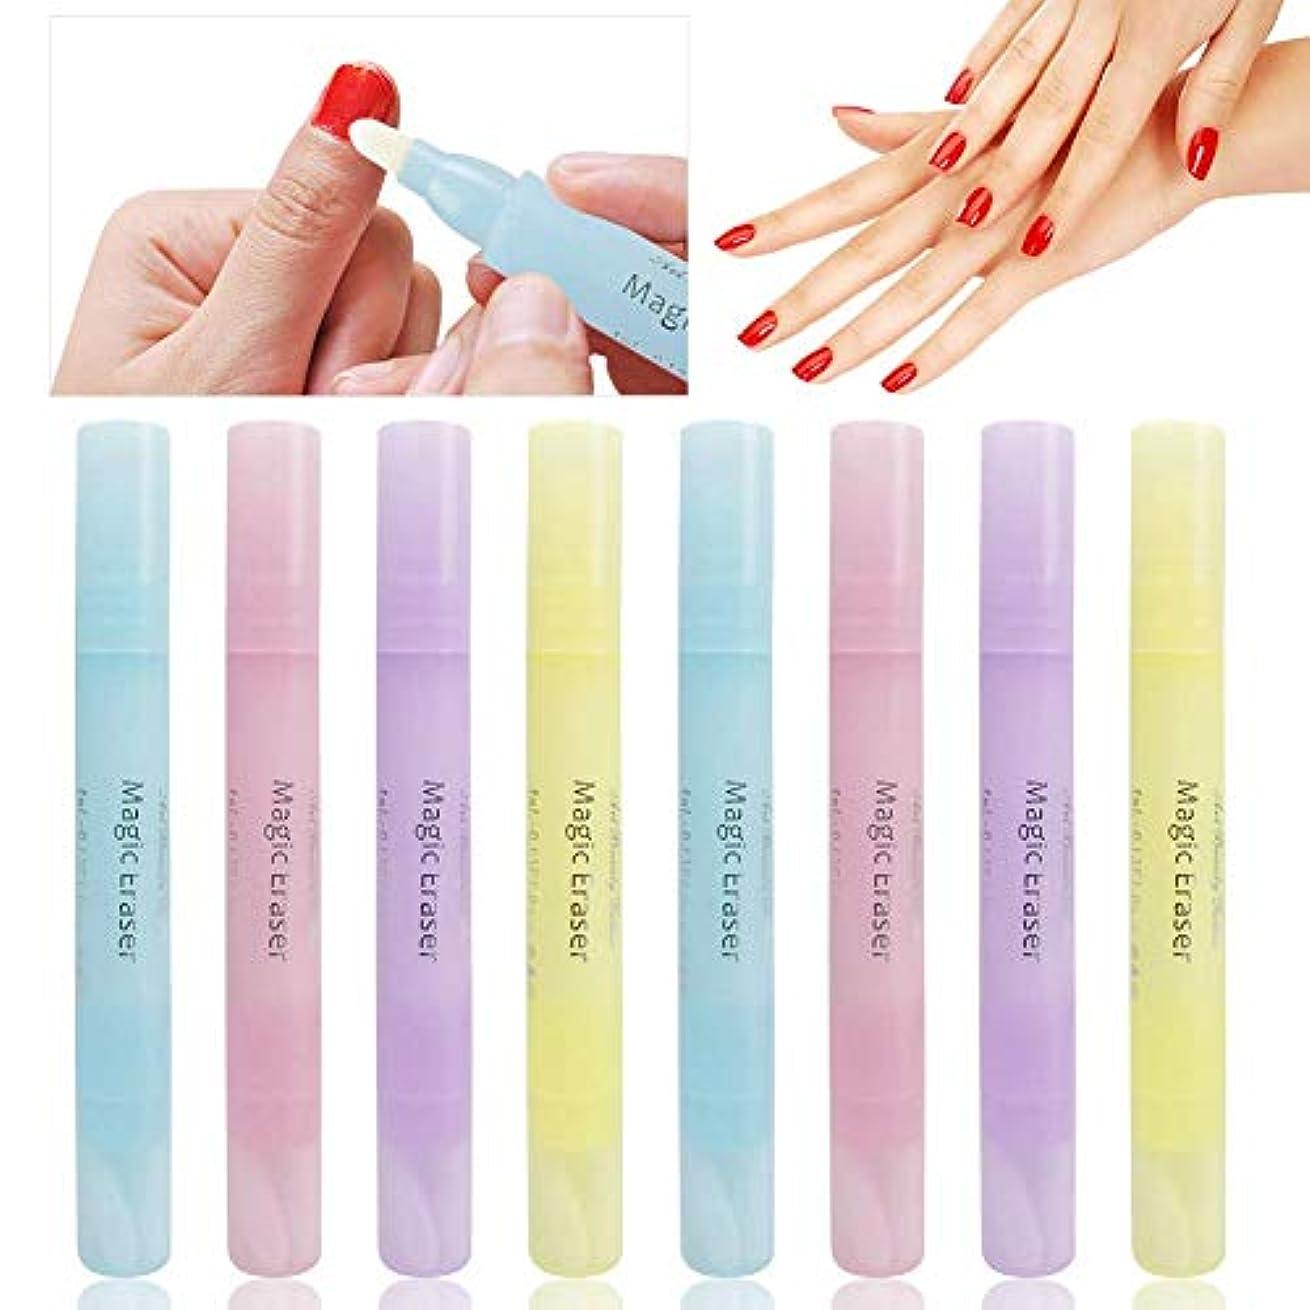 ファセットブレーク取り消すAUGOOG 8個入 ネイルリムーバーペン ネイルポリッシュ修正ペン 携帯便利 ネイルアートツール ネイルコレクター 化粧用 4色 女性用